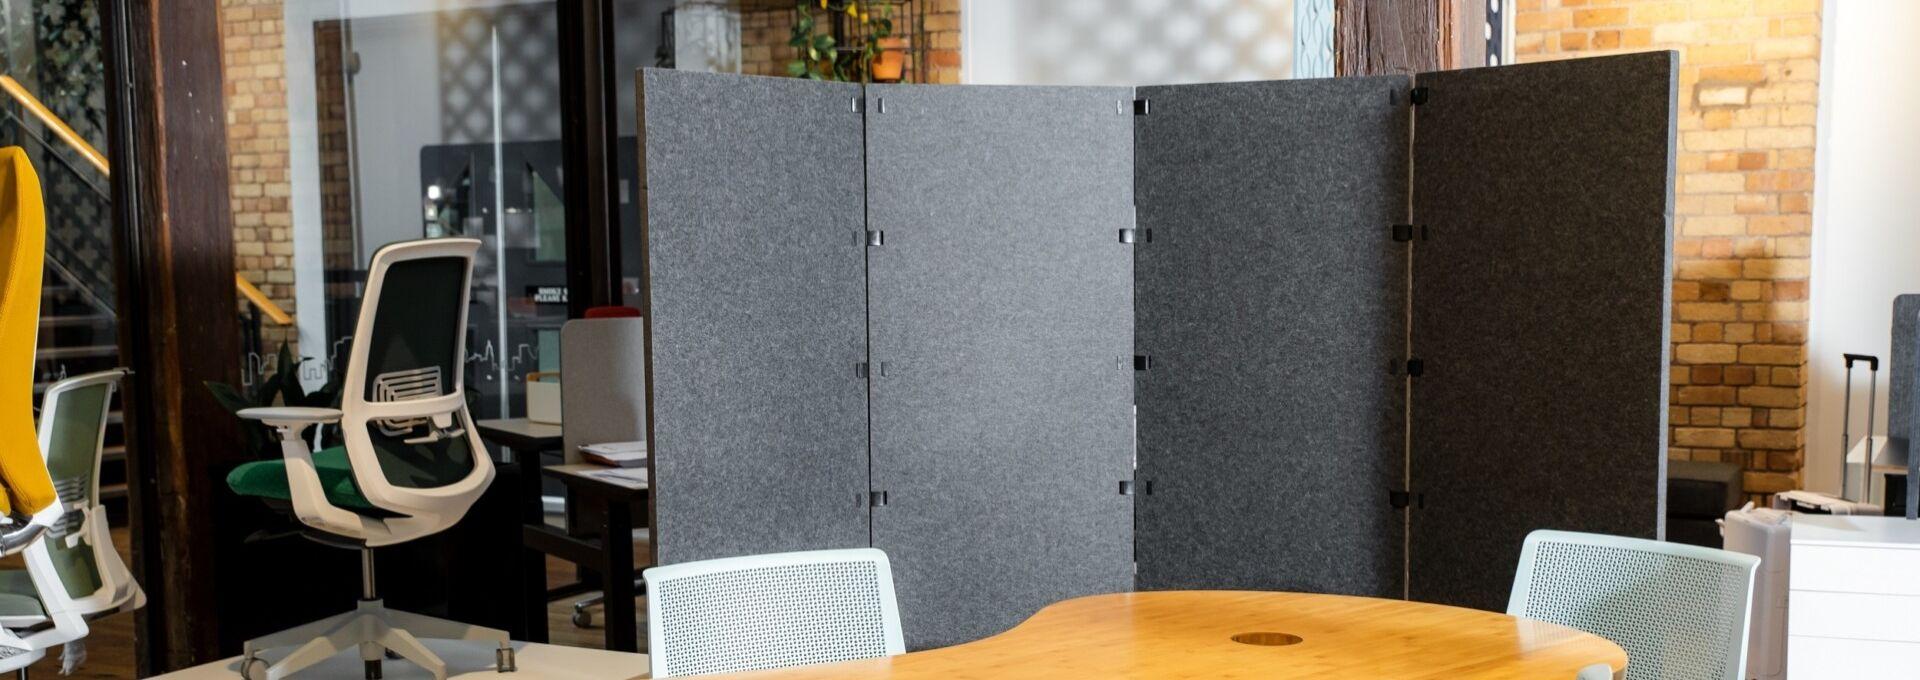 products_screen e_screen_insitu_6